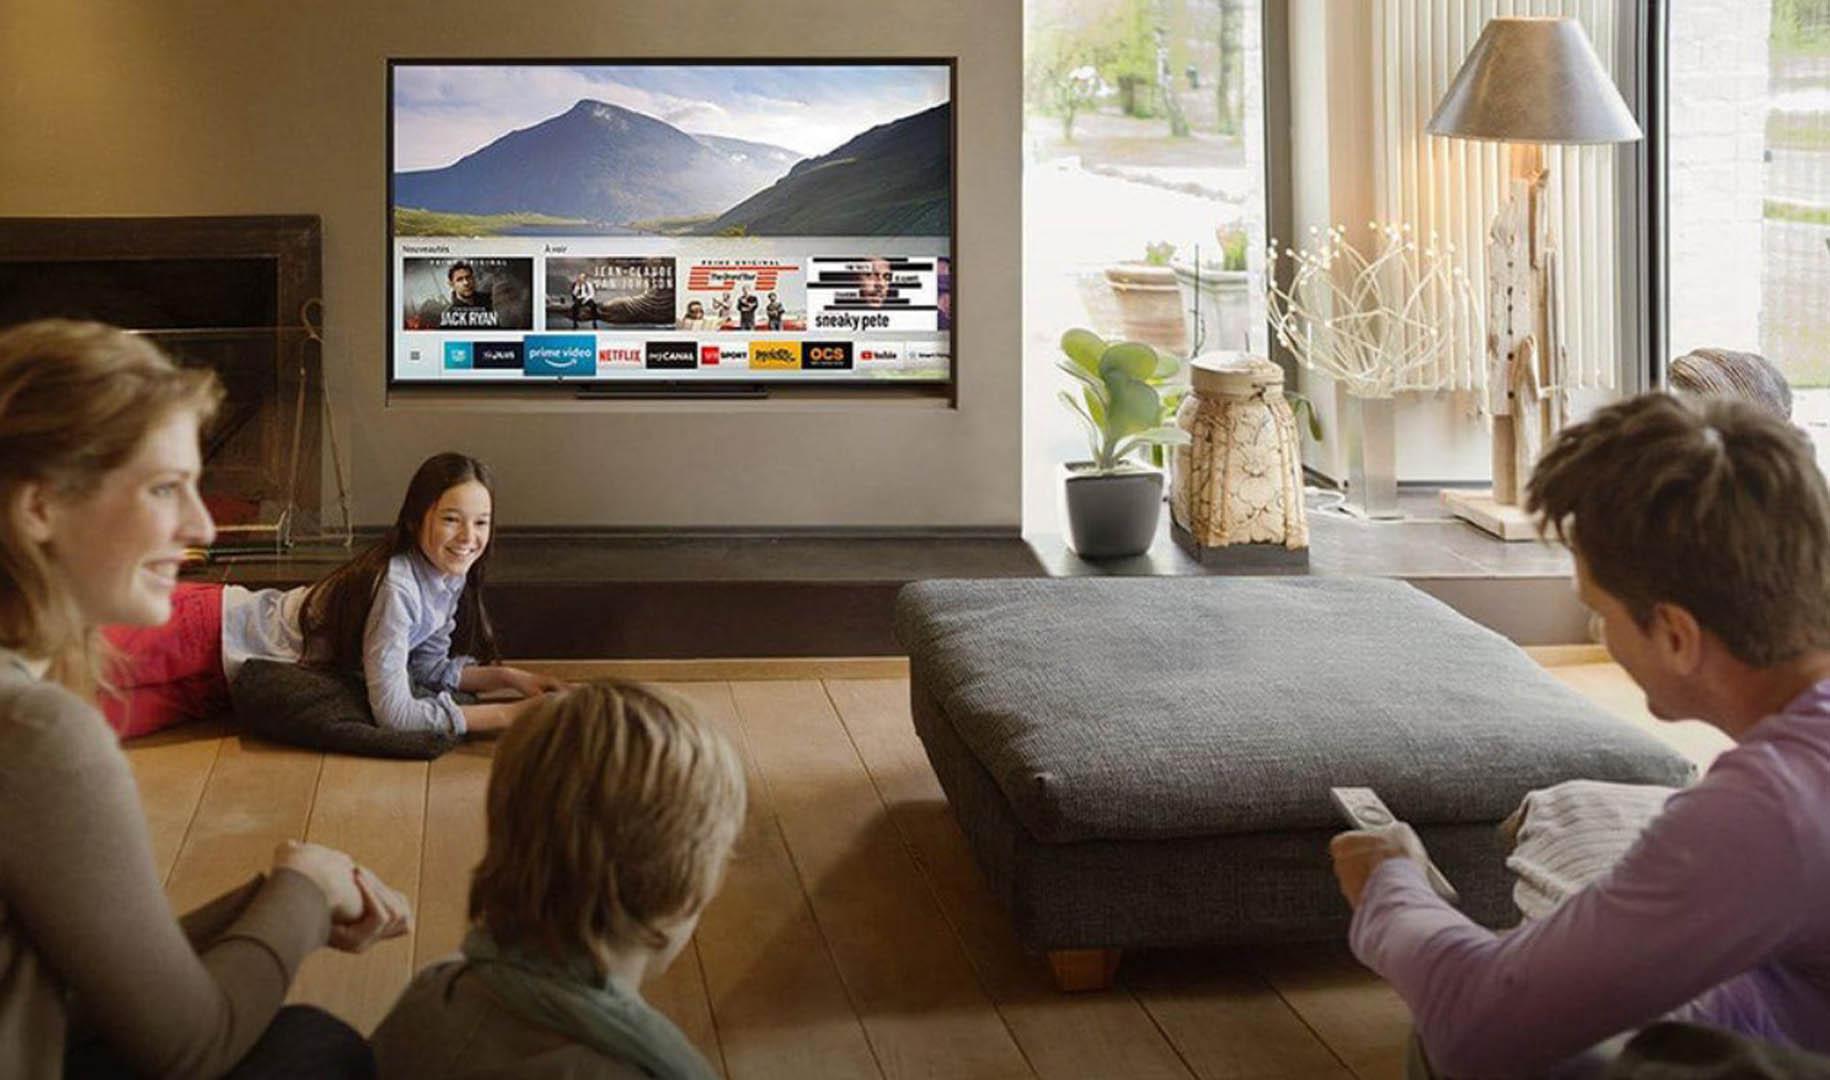 Conteúdo do smartphone na tela da Smart TV